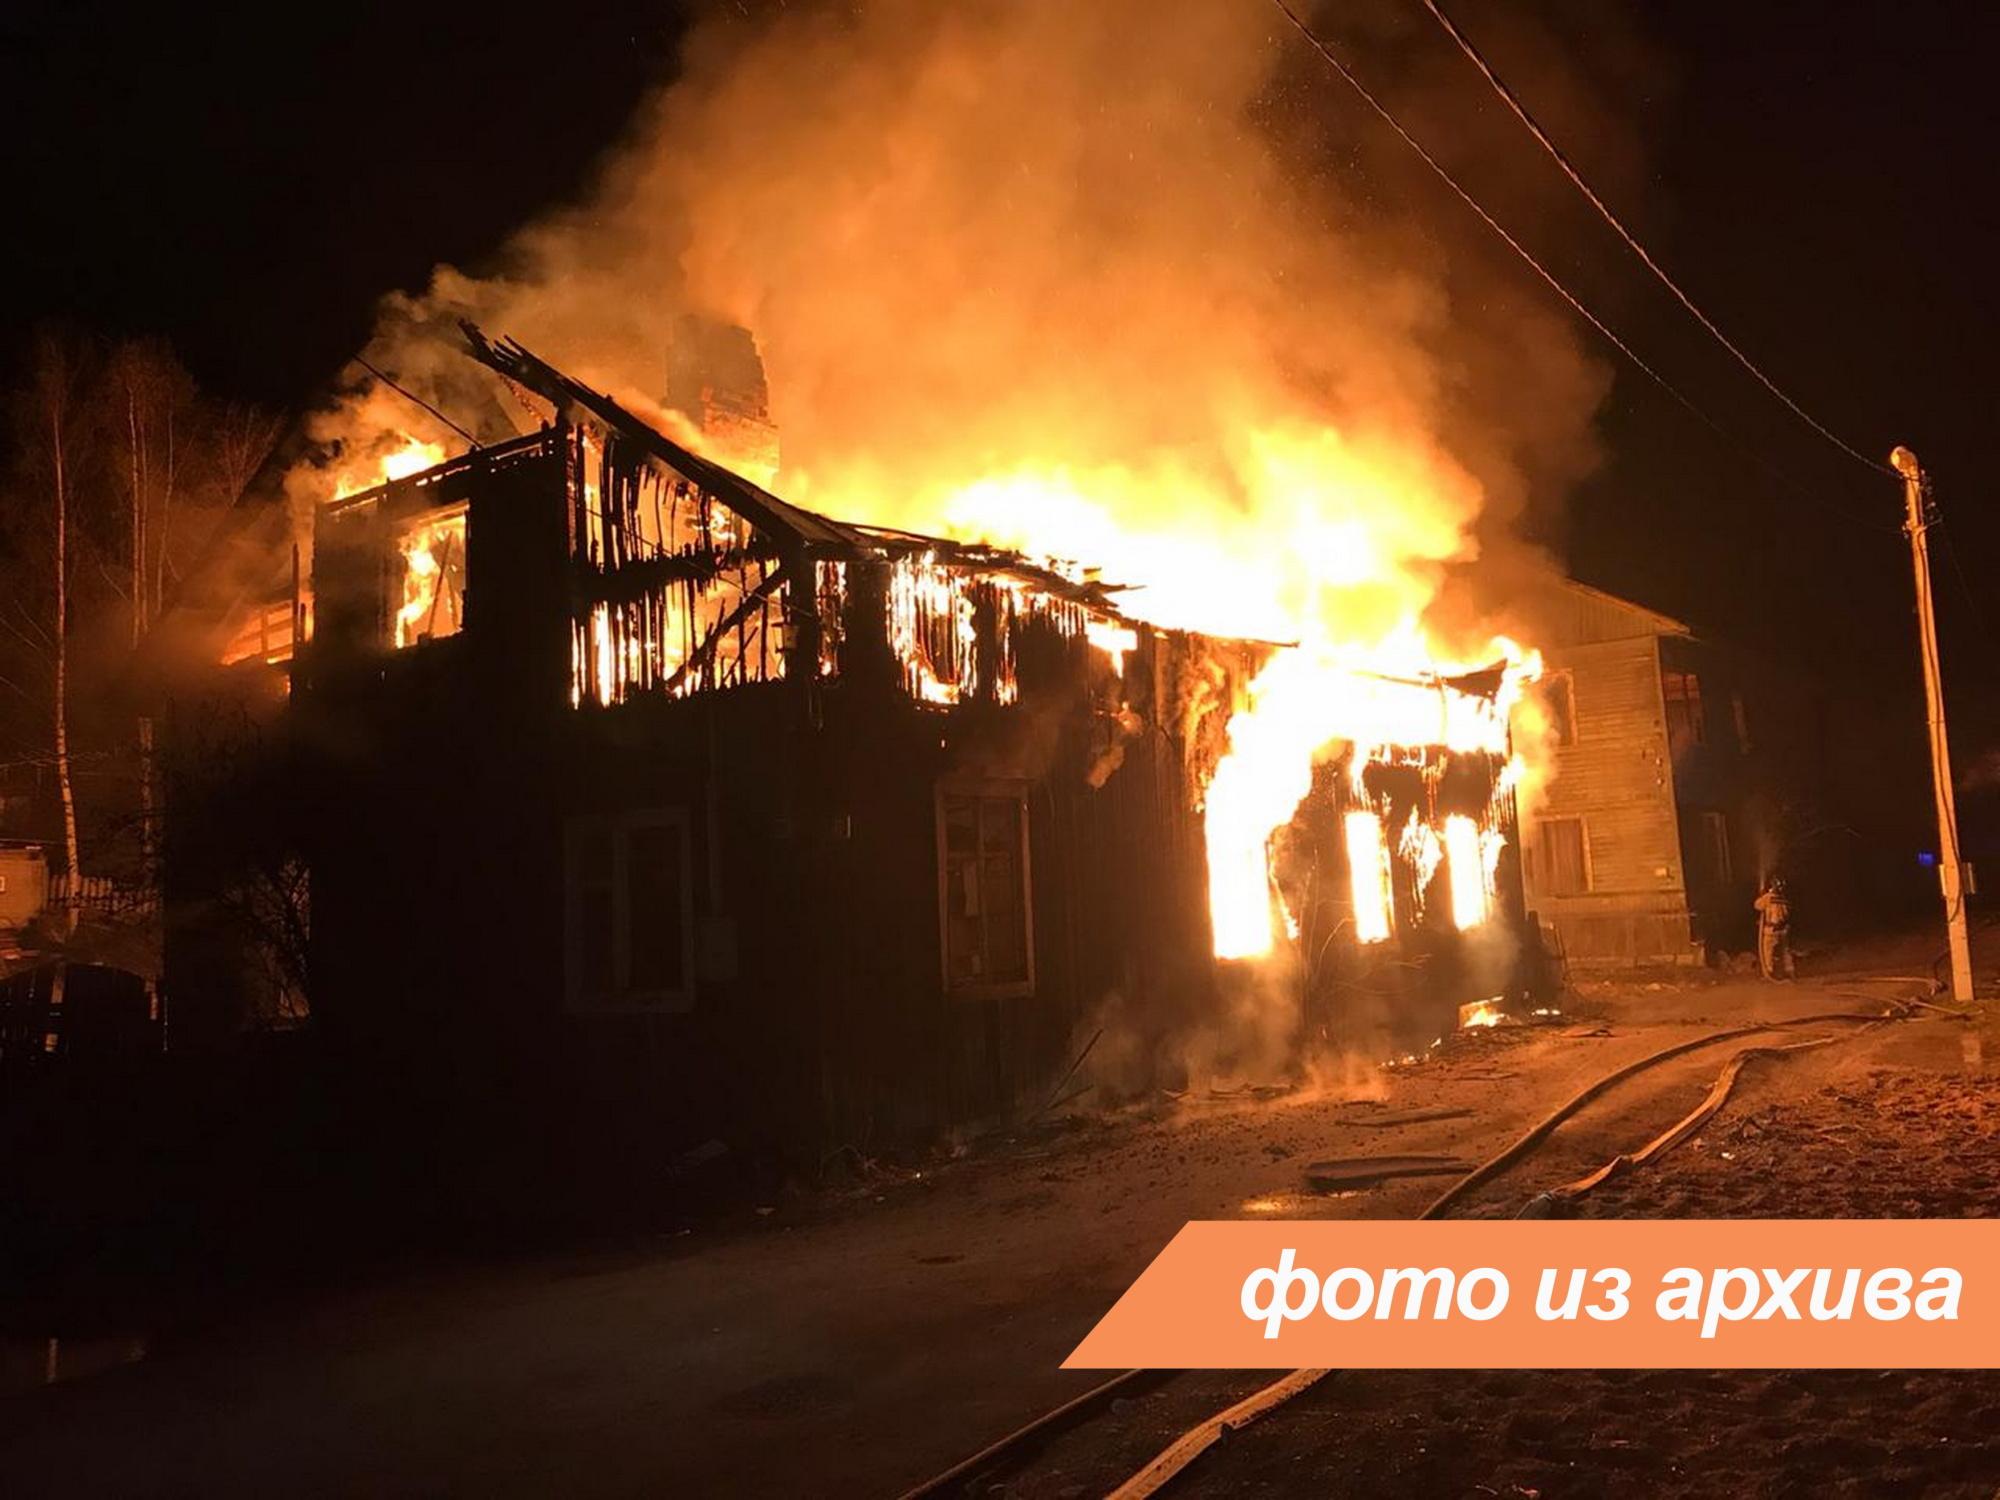 Пожарно-спасательные подразделения ликвидировали пожар в  Кировском районе